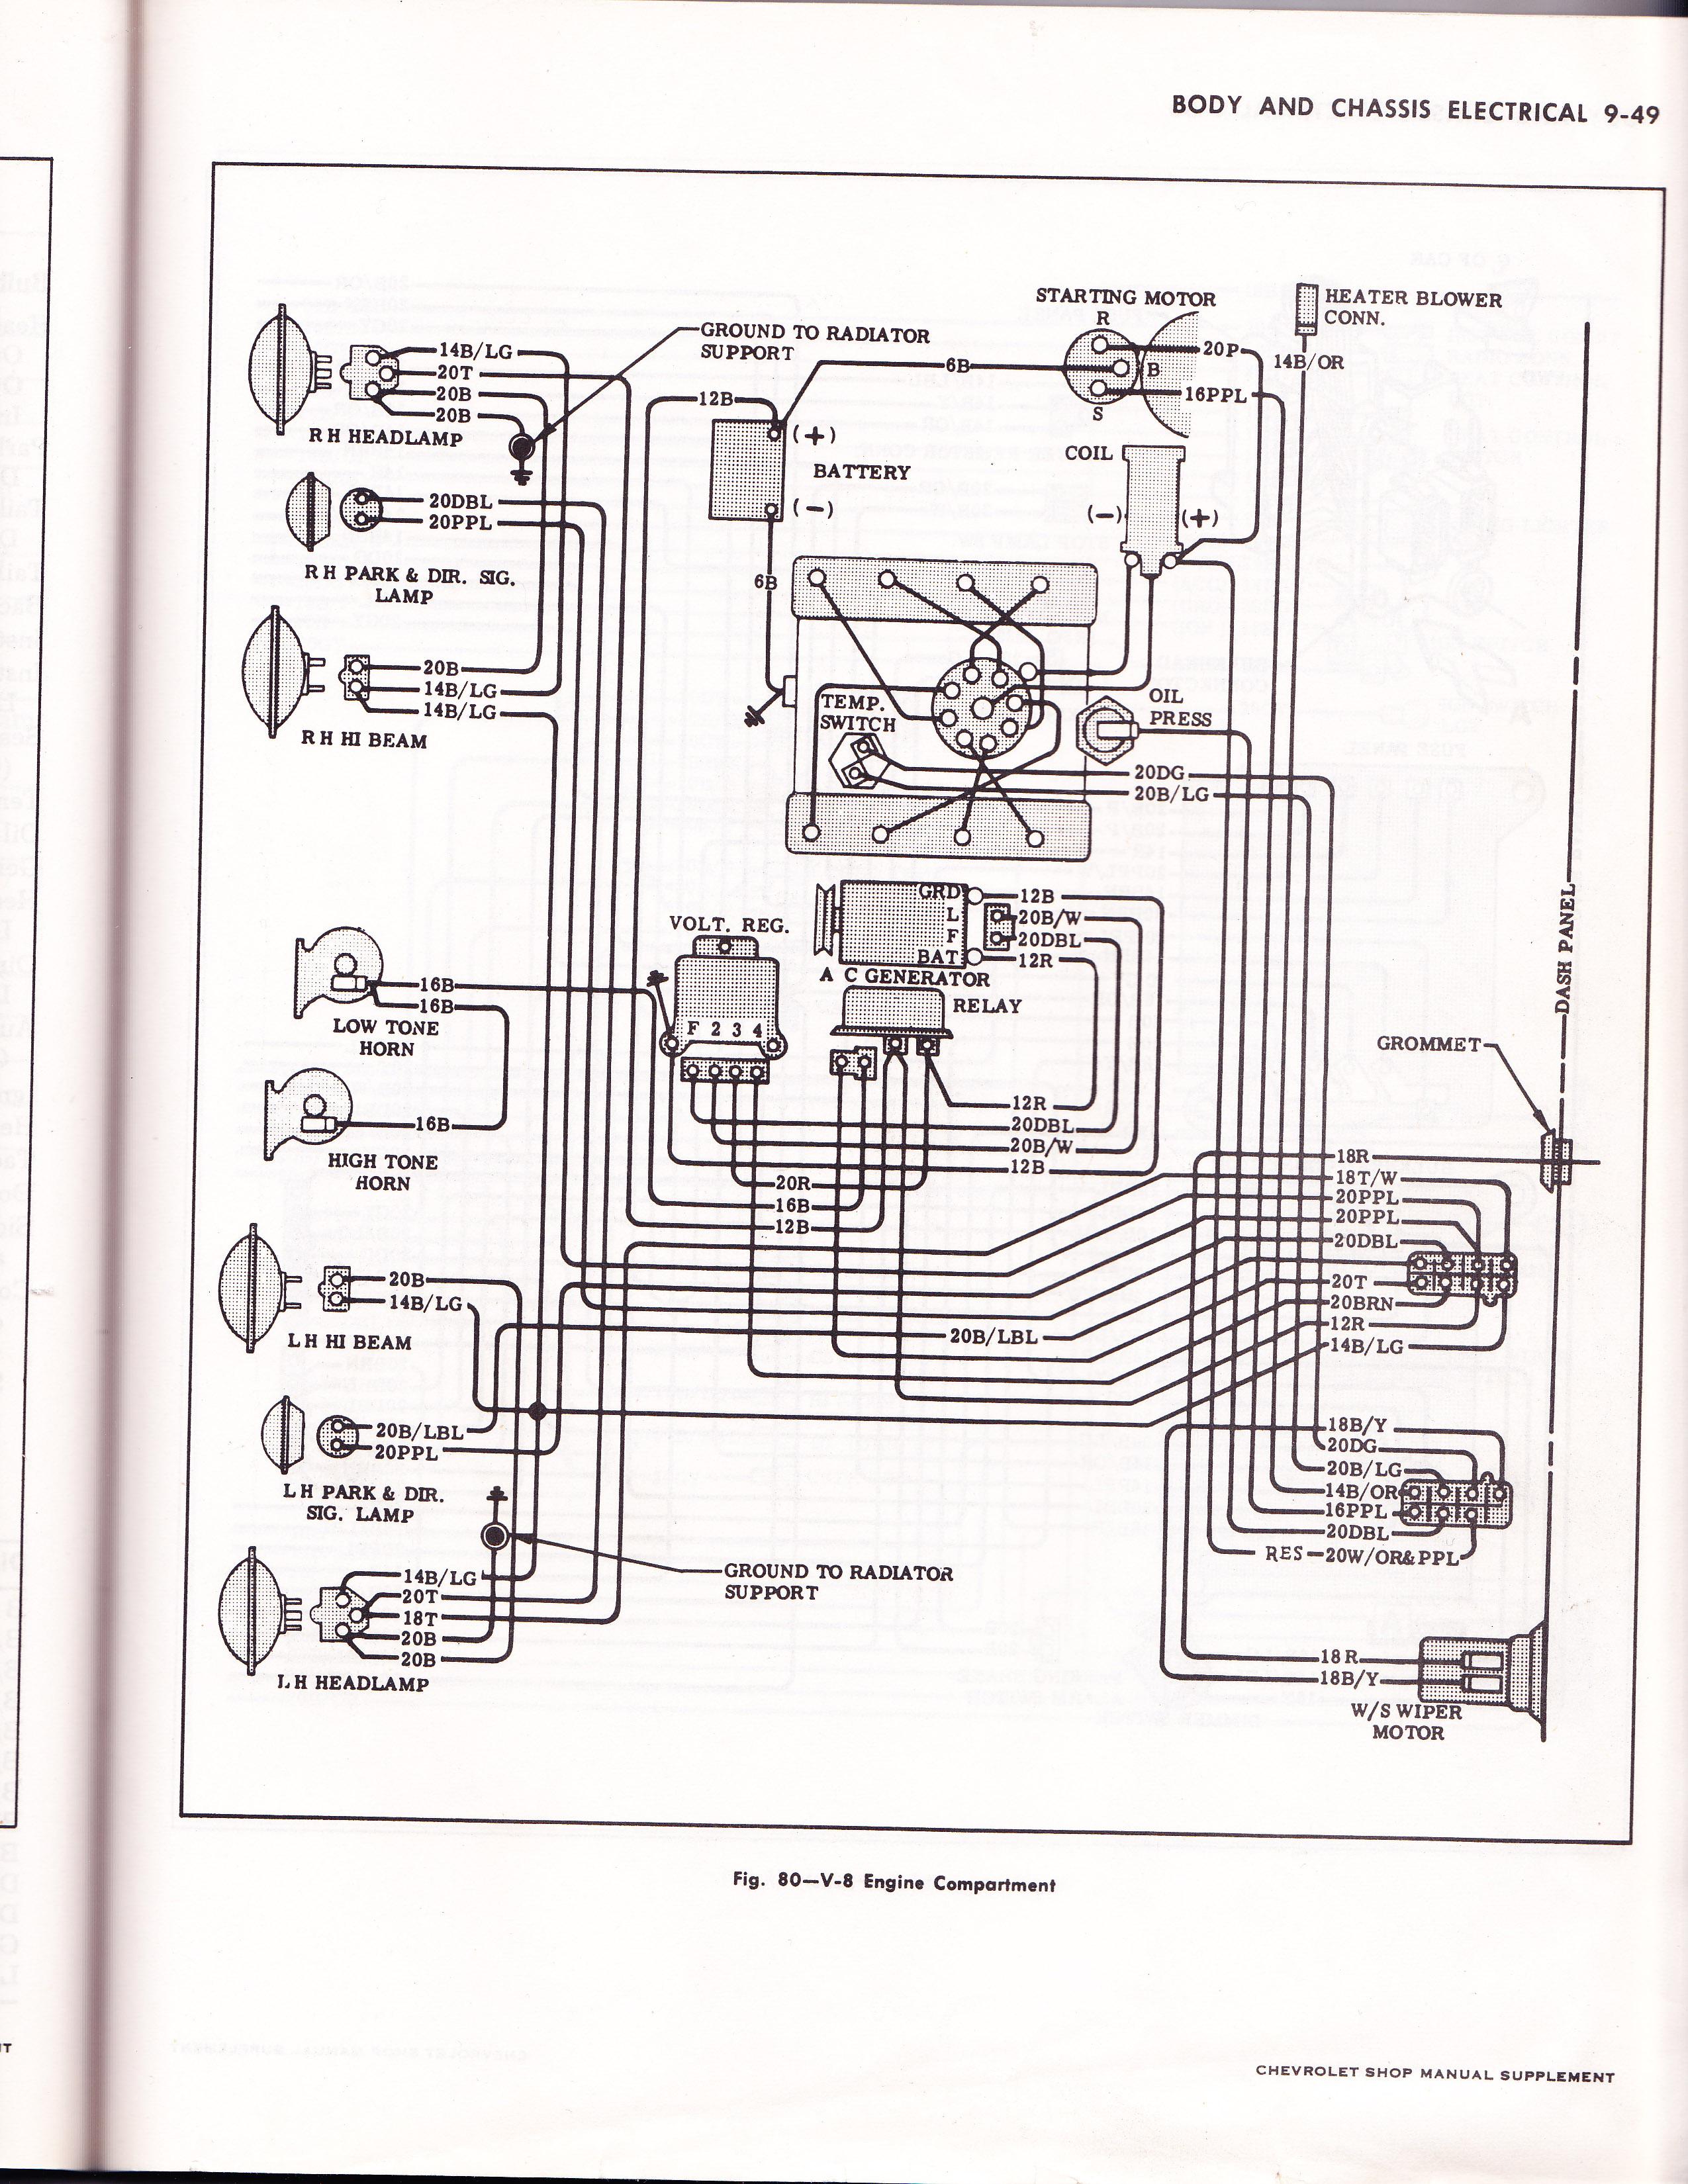 Hot Rod Wiring Diagram Fuse Panel - Gmc Sierra Fuse Box for Wiring Diagram  SchematicsWiring Diagram Schematics